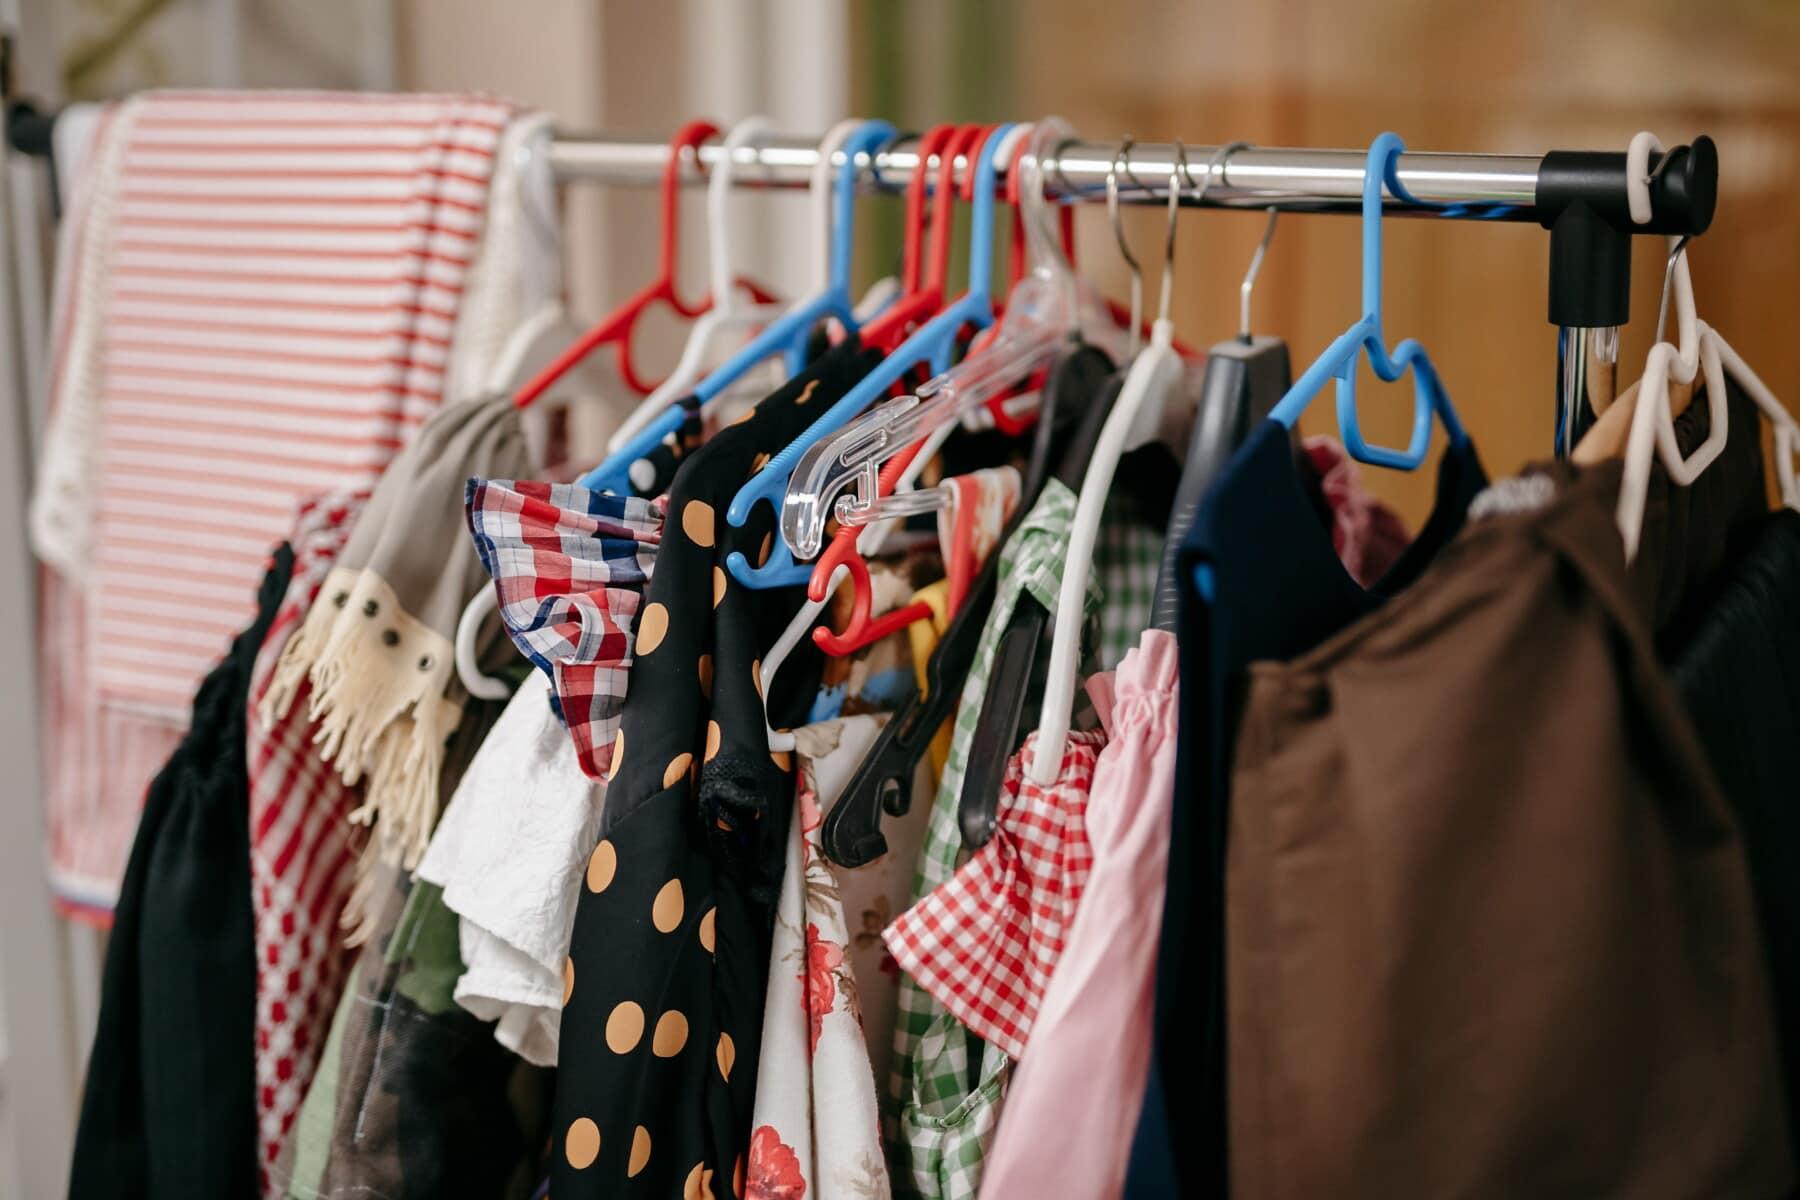 Boutique, shopping, varer, mote, hengende, butikk, hengeren, lager, garderobe, rack